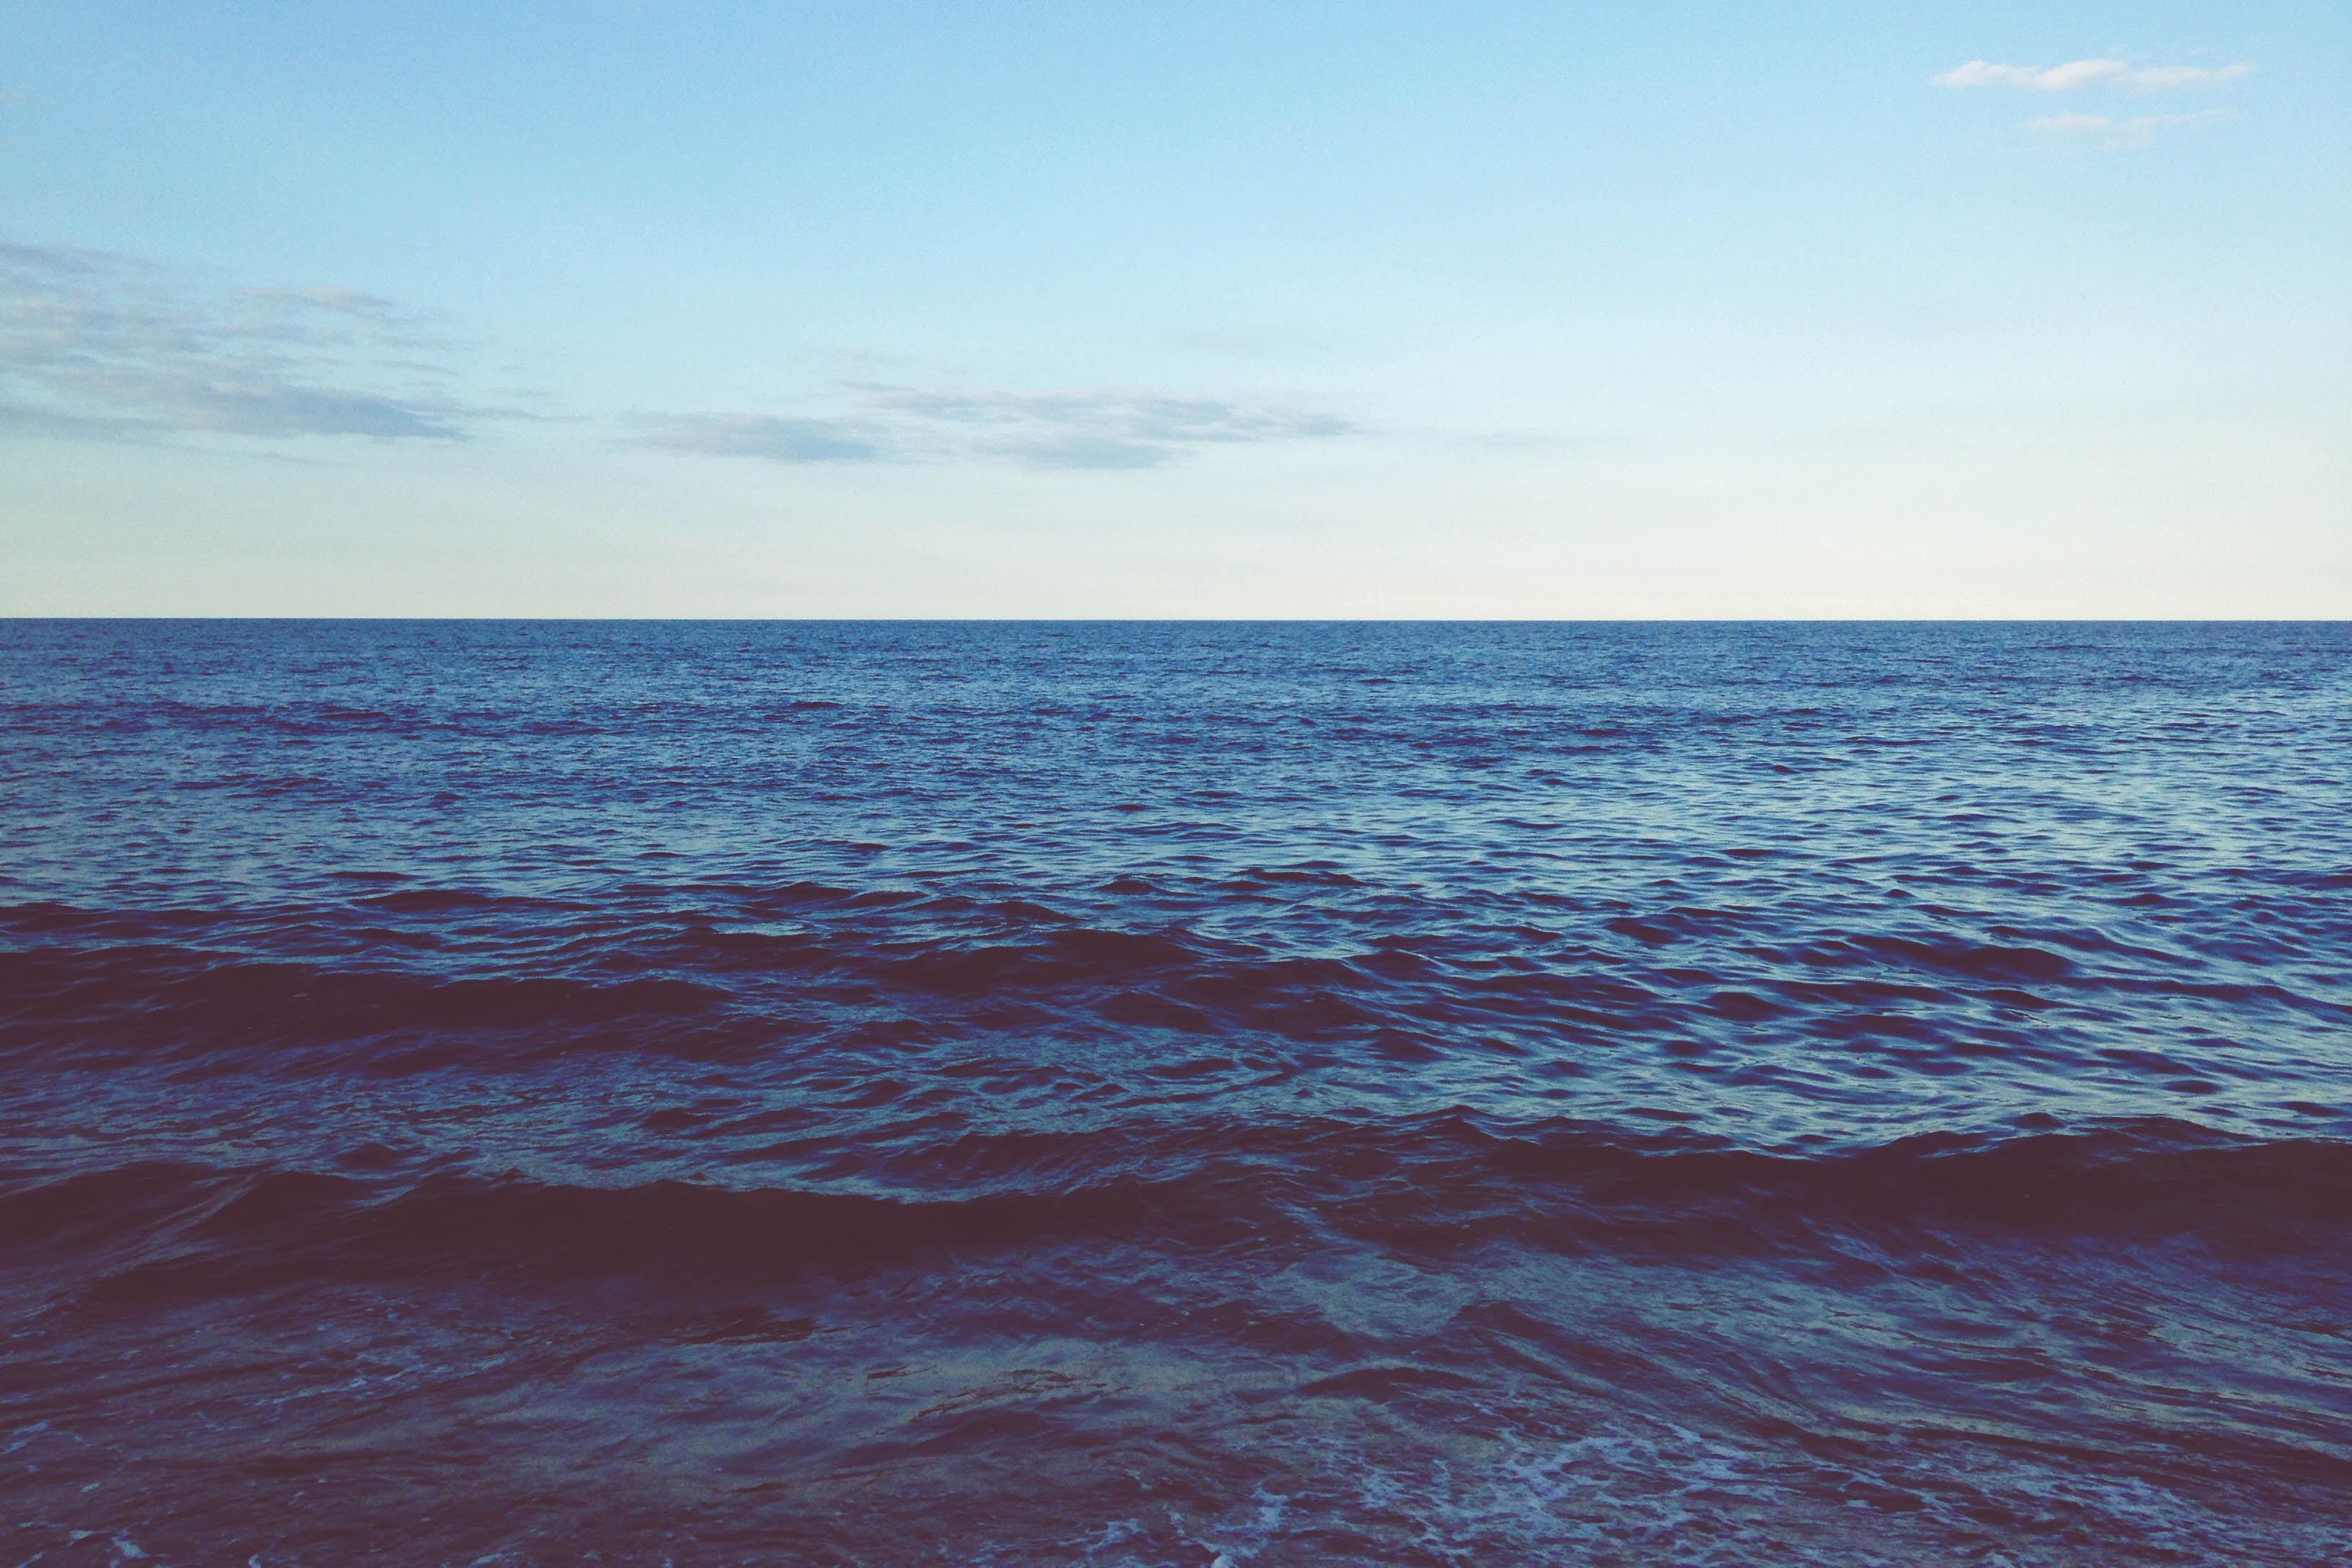 A dark blue choppy ocean stretching to the horizon